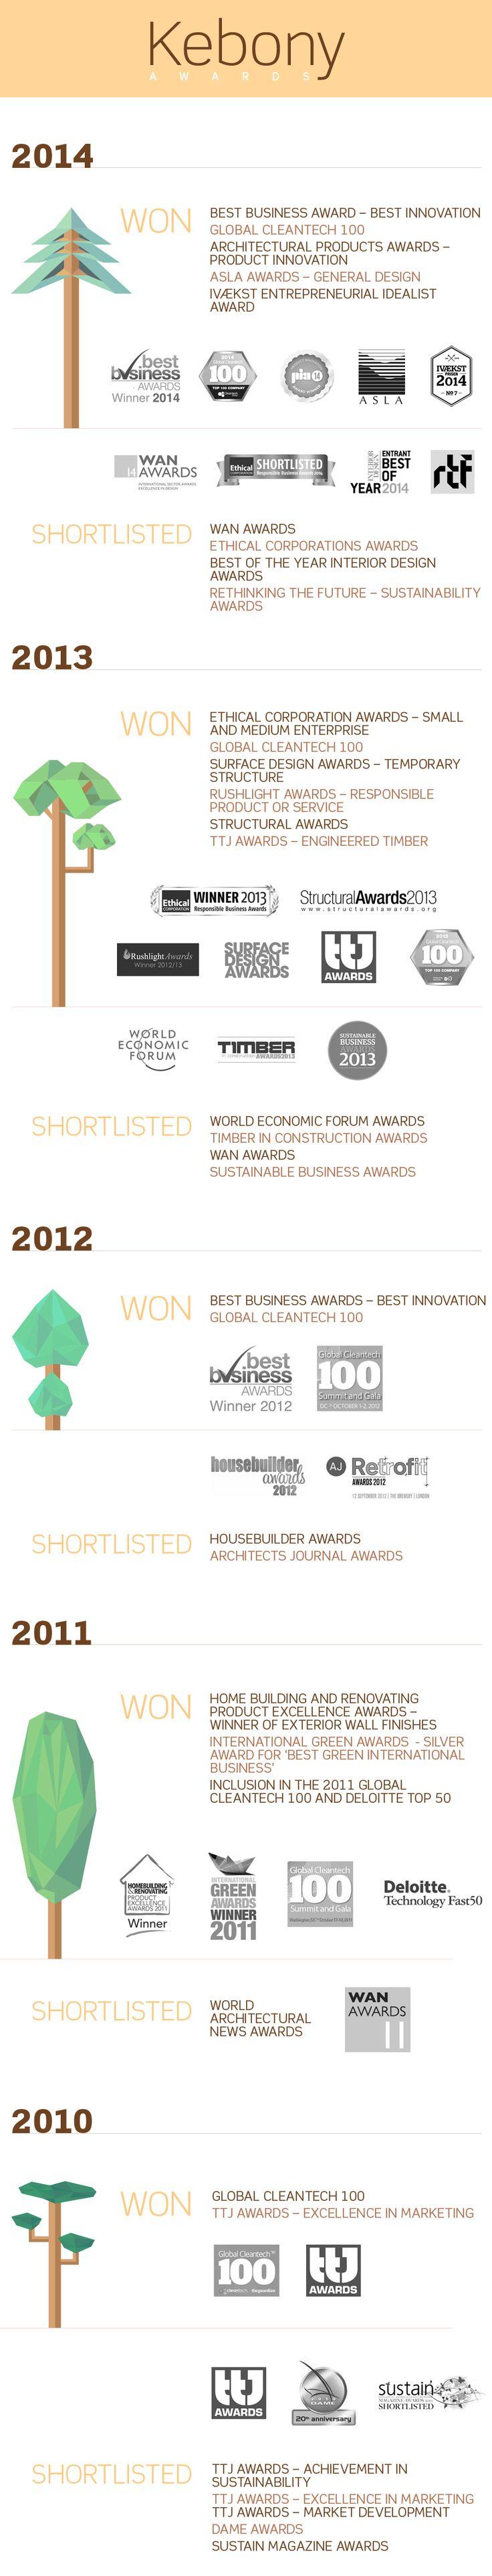 Kebony - Awards won and nominated since 2010